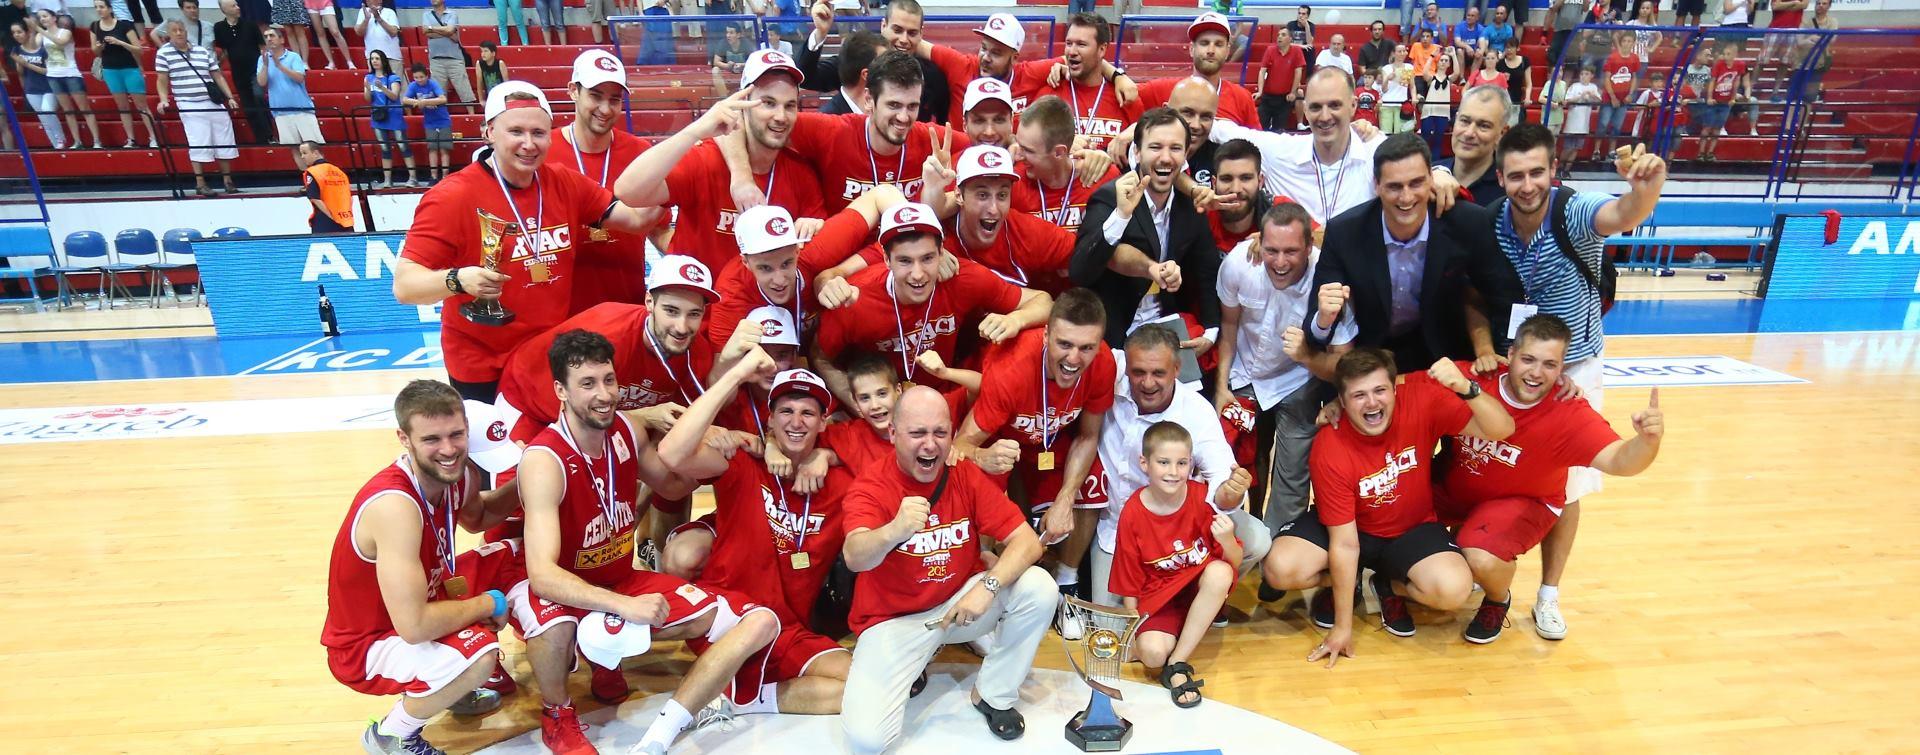 OBRANILI NASLOV PRVAKA Košarkaši Cedevite pobijedili Cibonu u četvrtoj utakmici finala